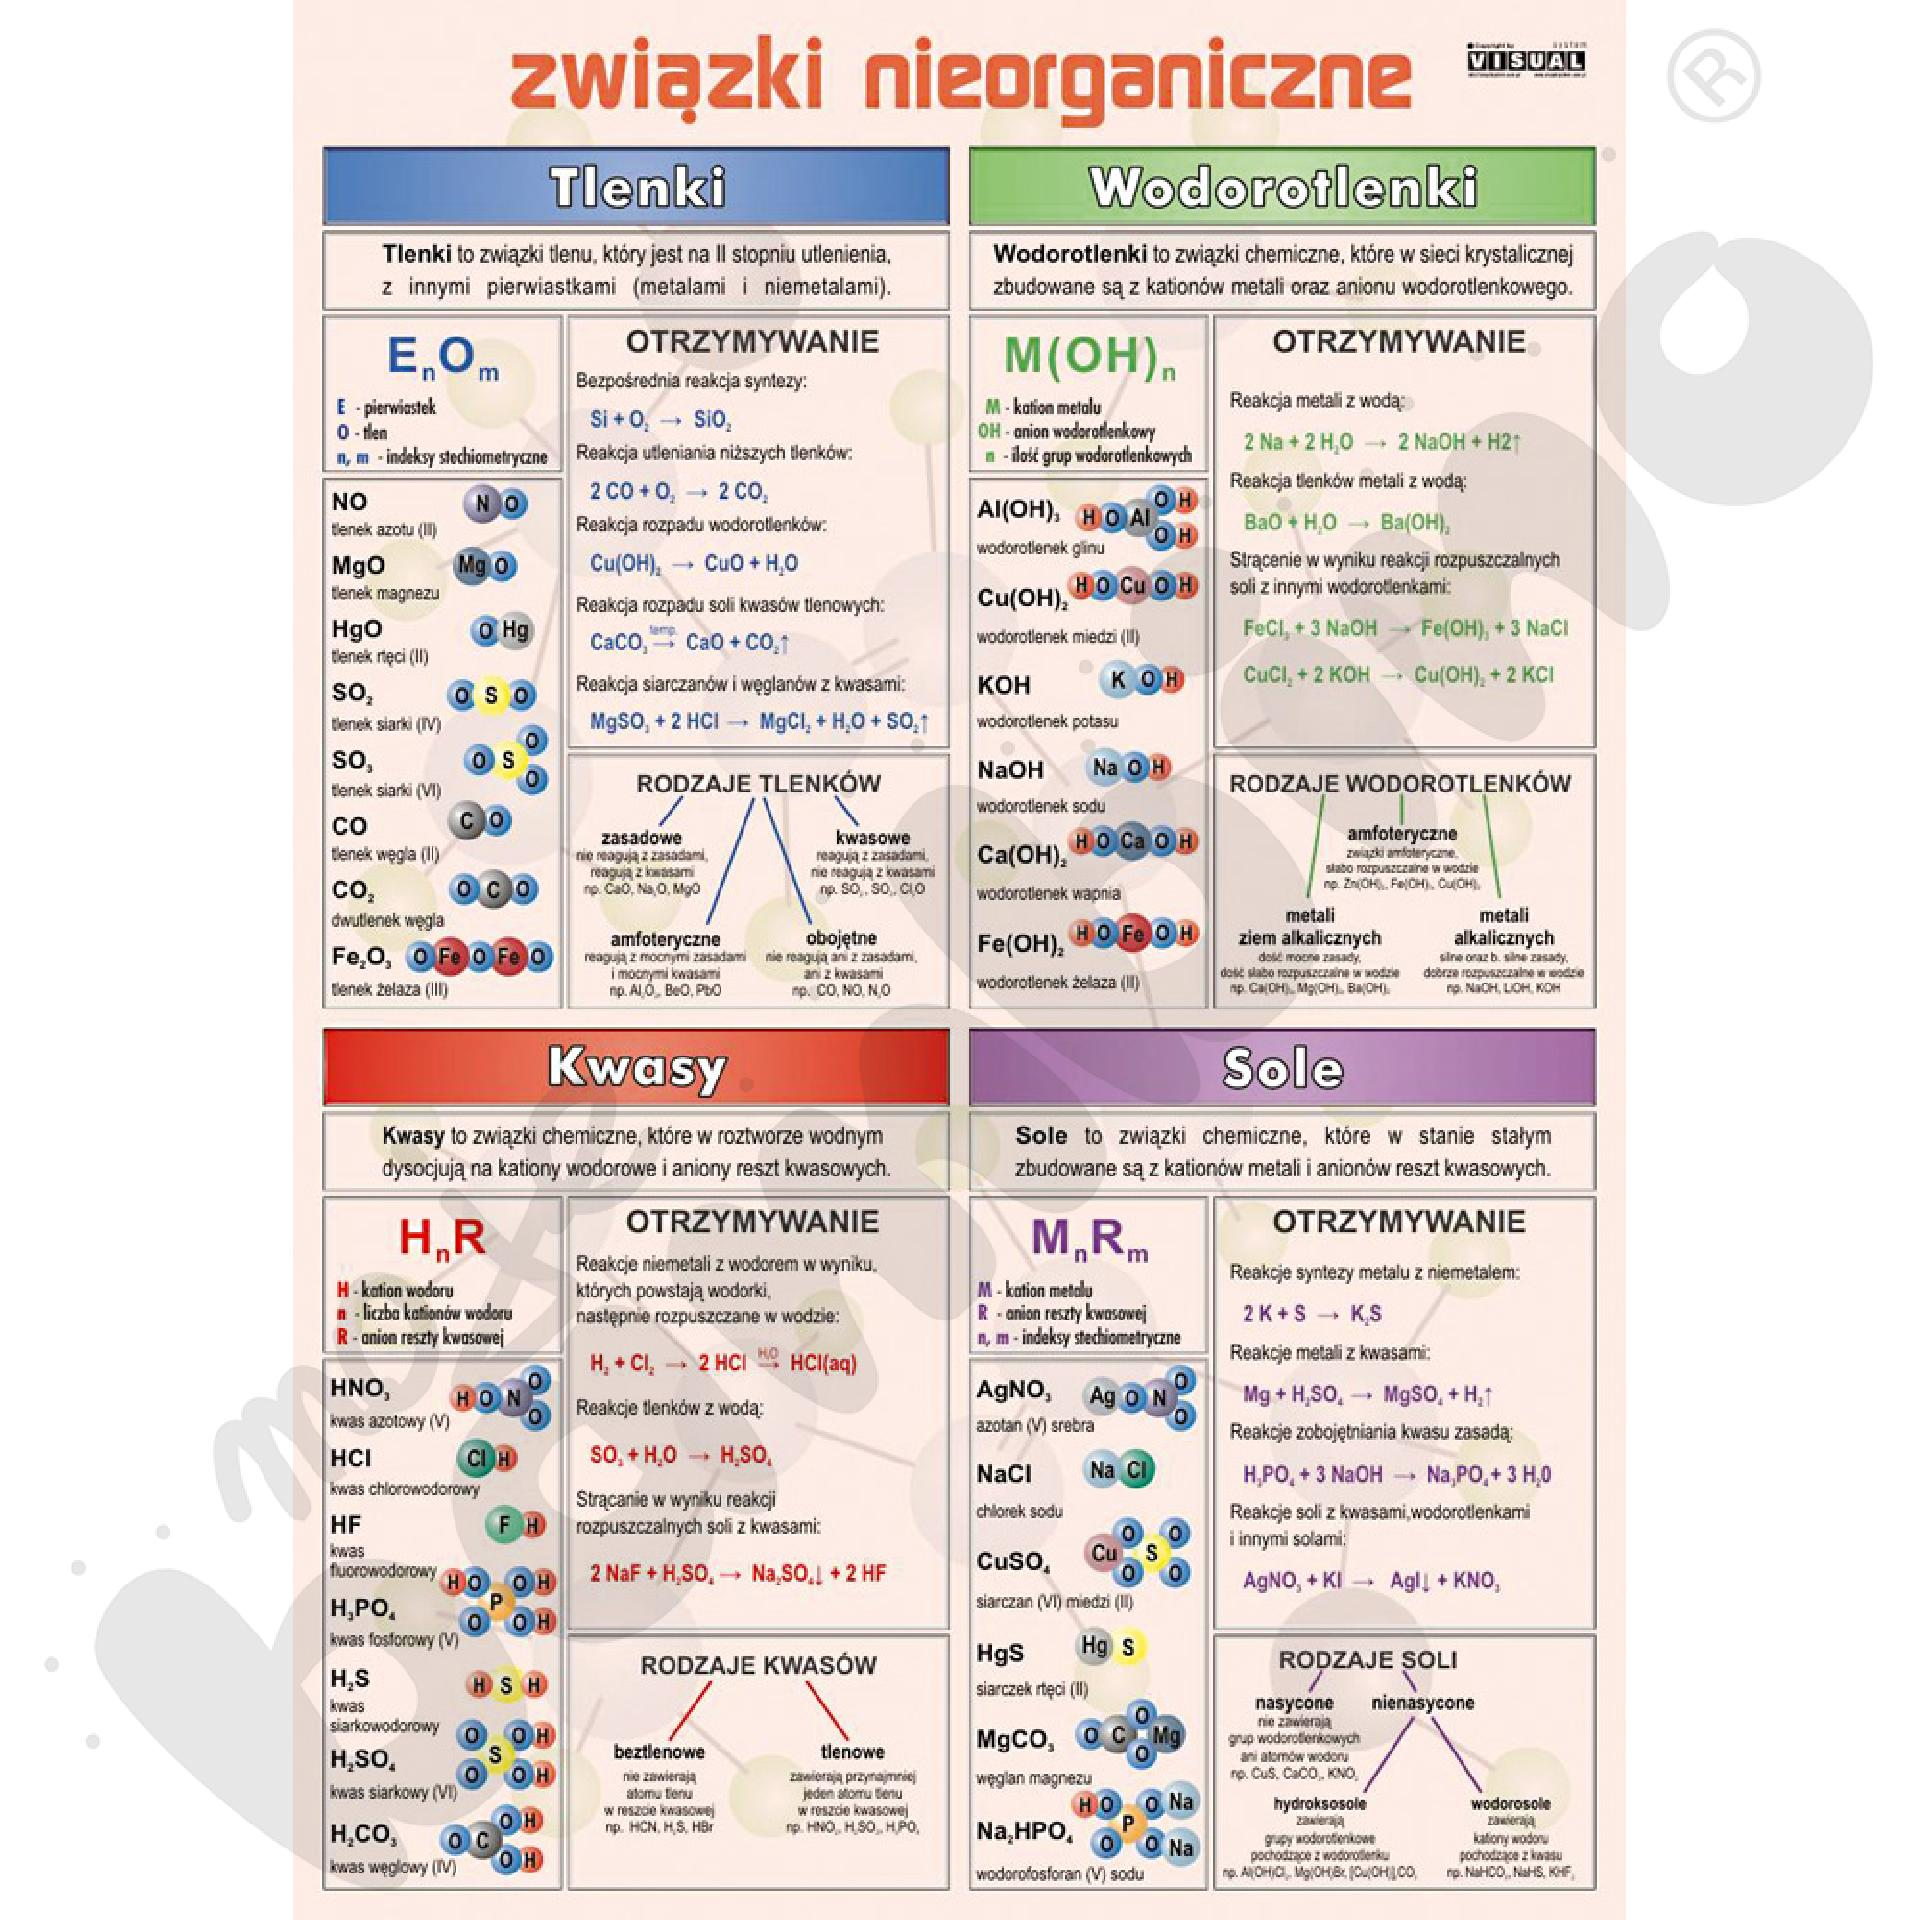 Plansza dydaktyczna - związki nieorganiczne